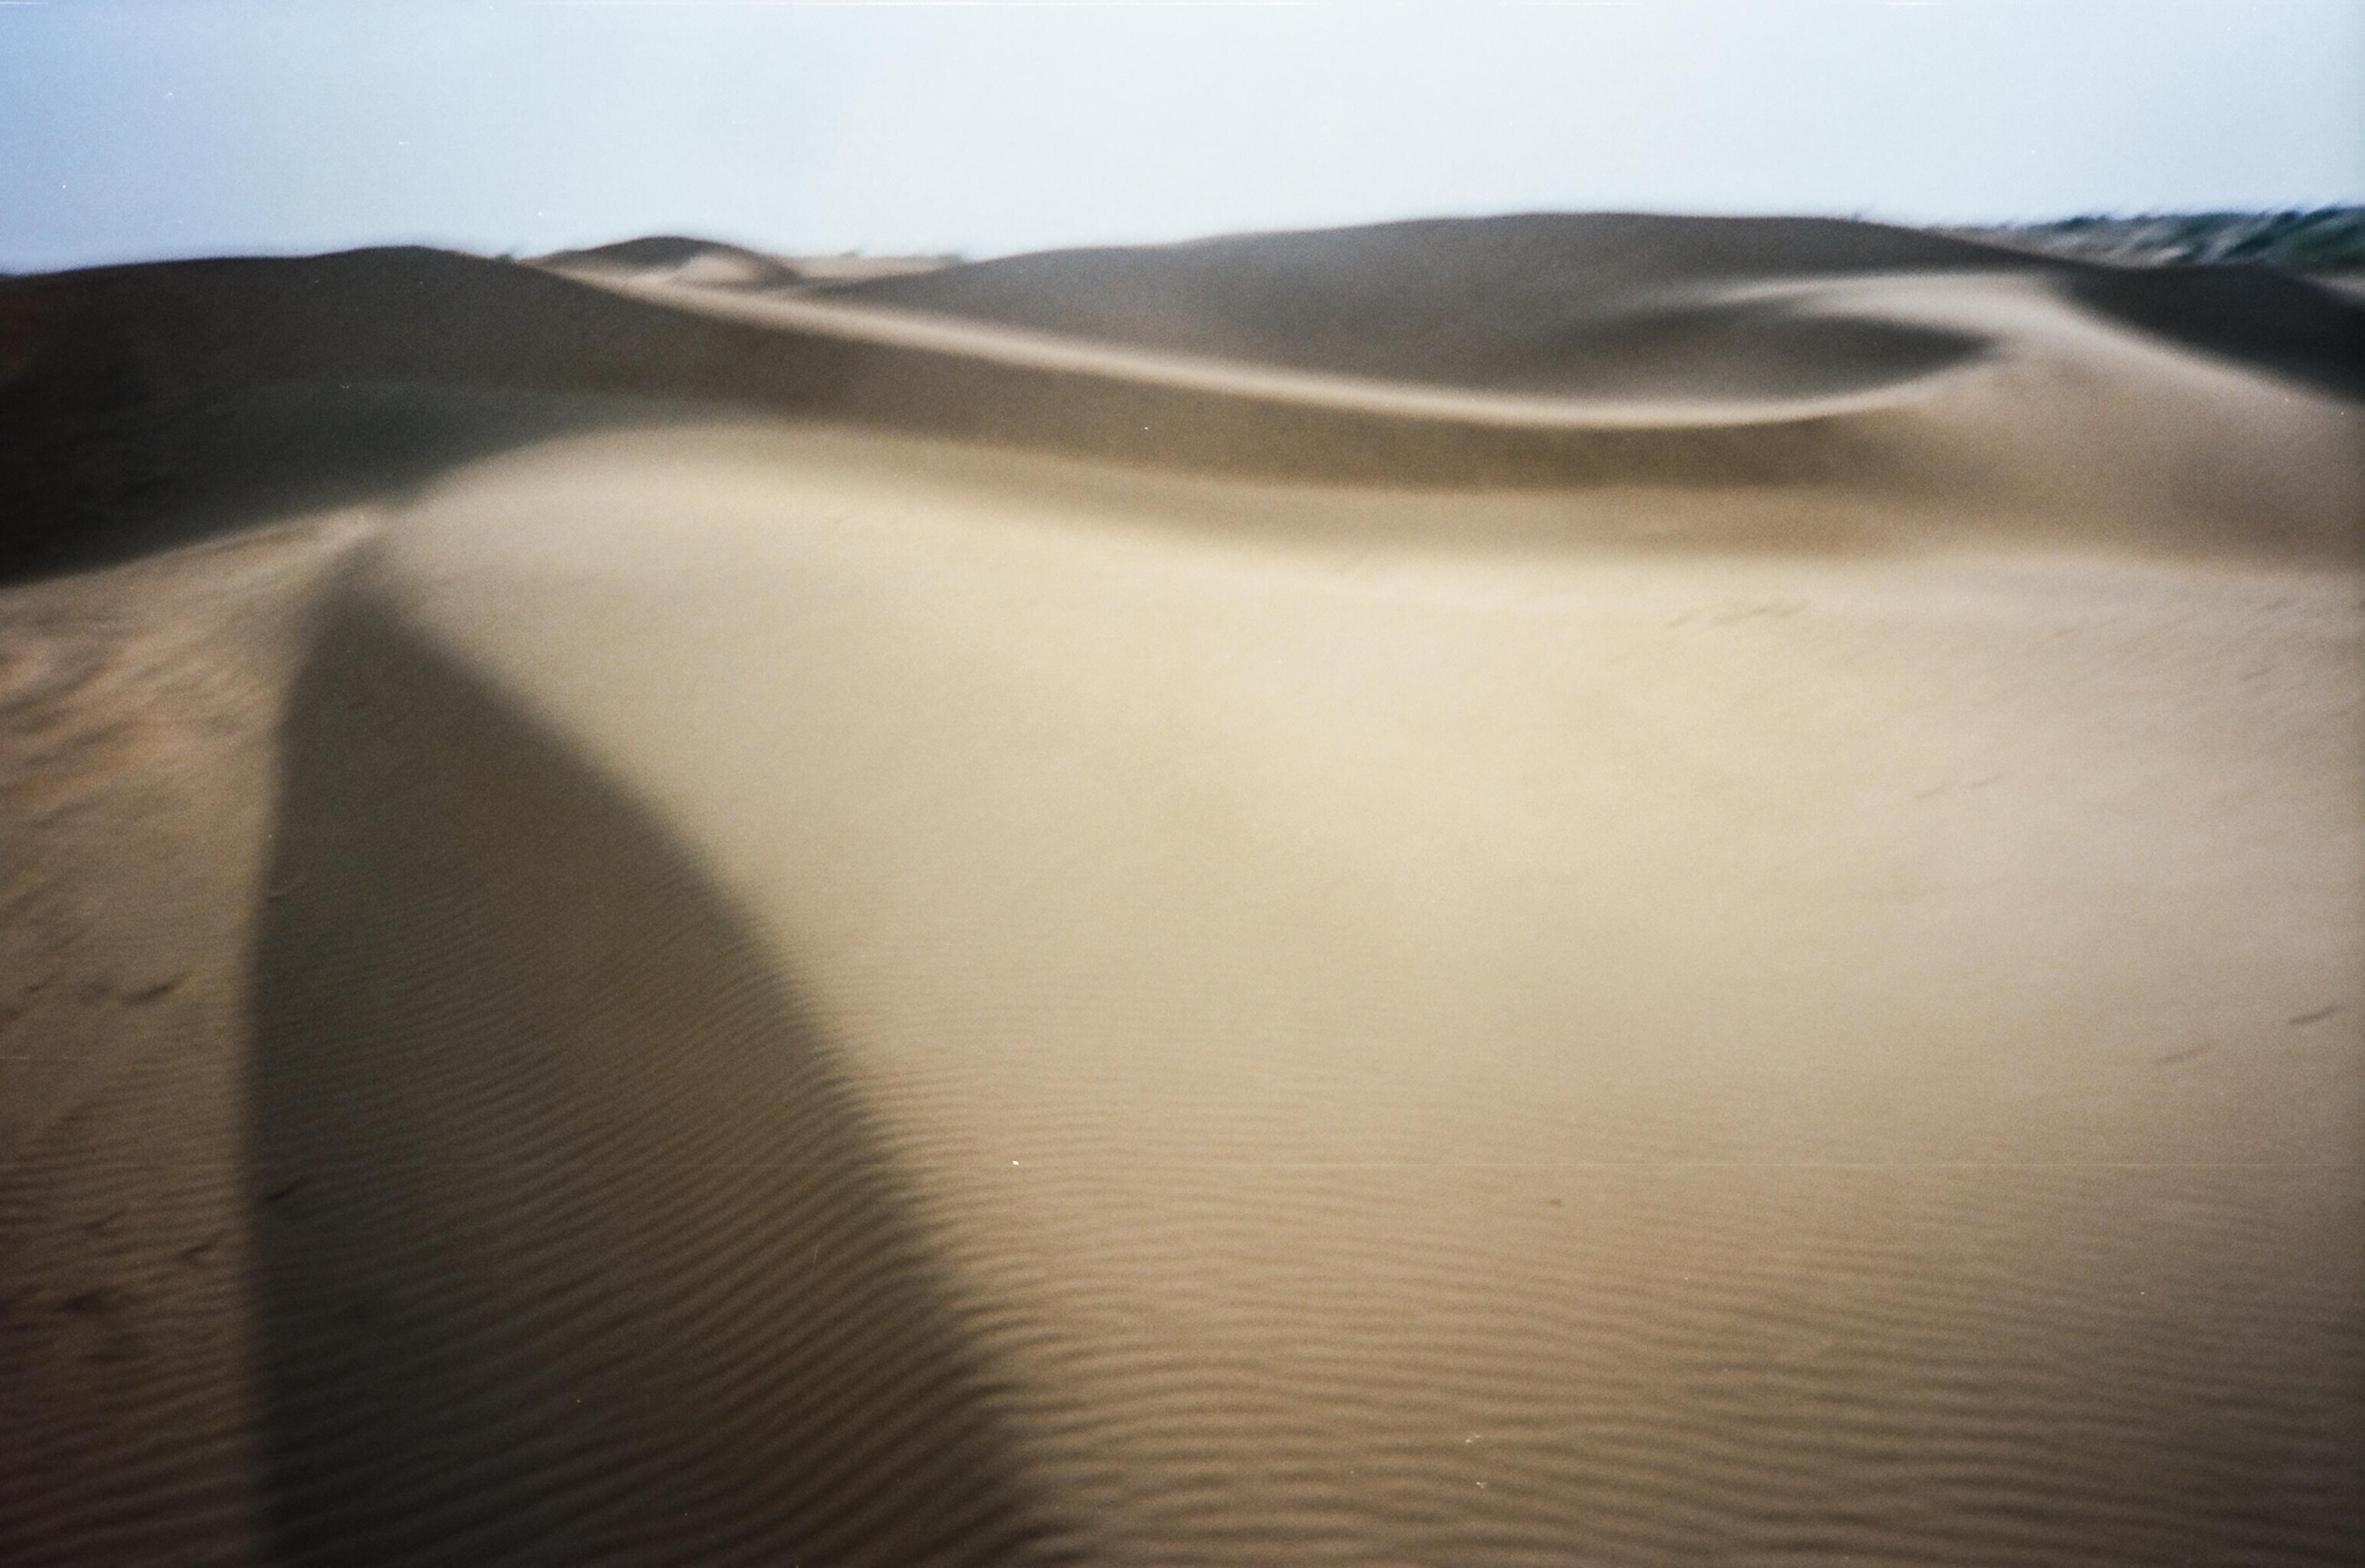 India desert sand dune landscape